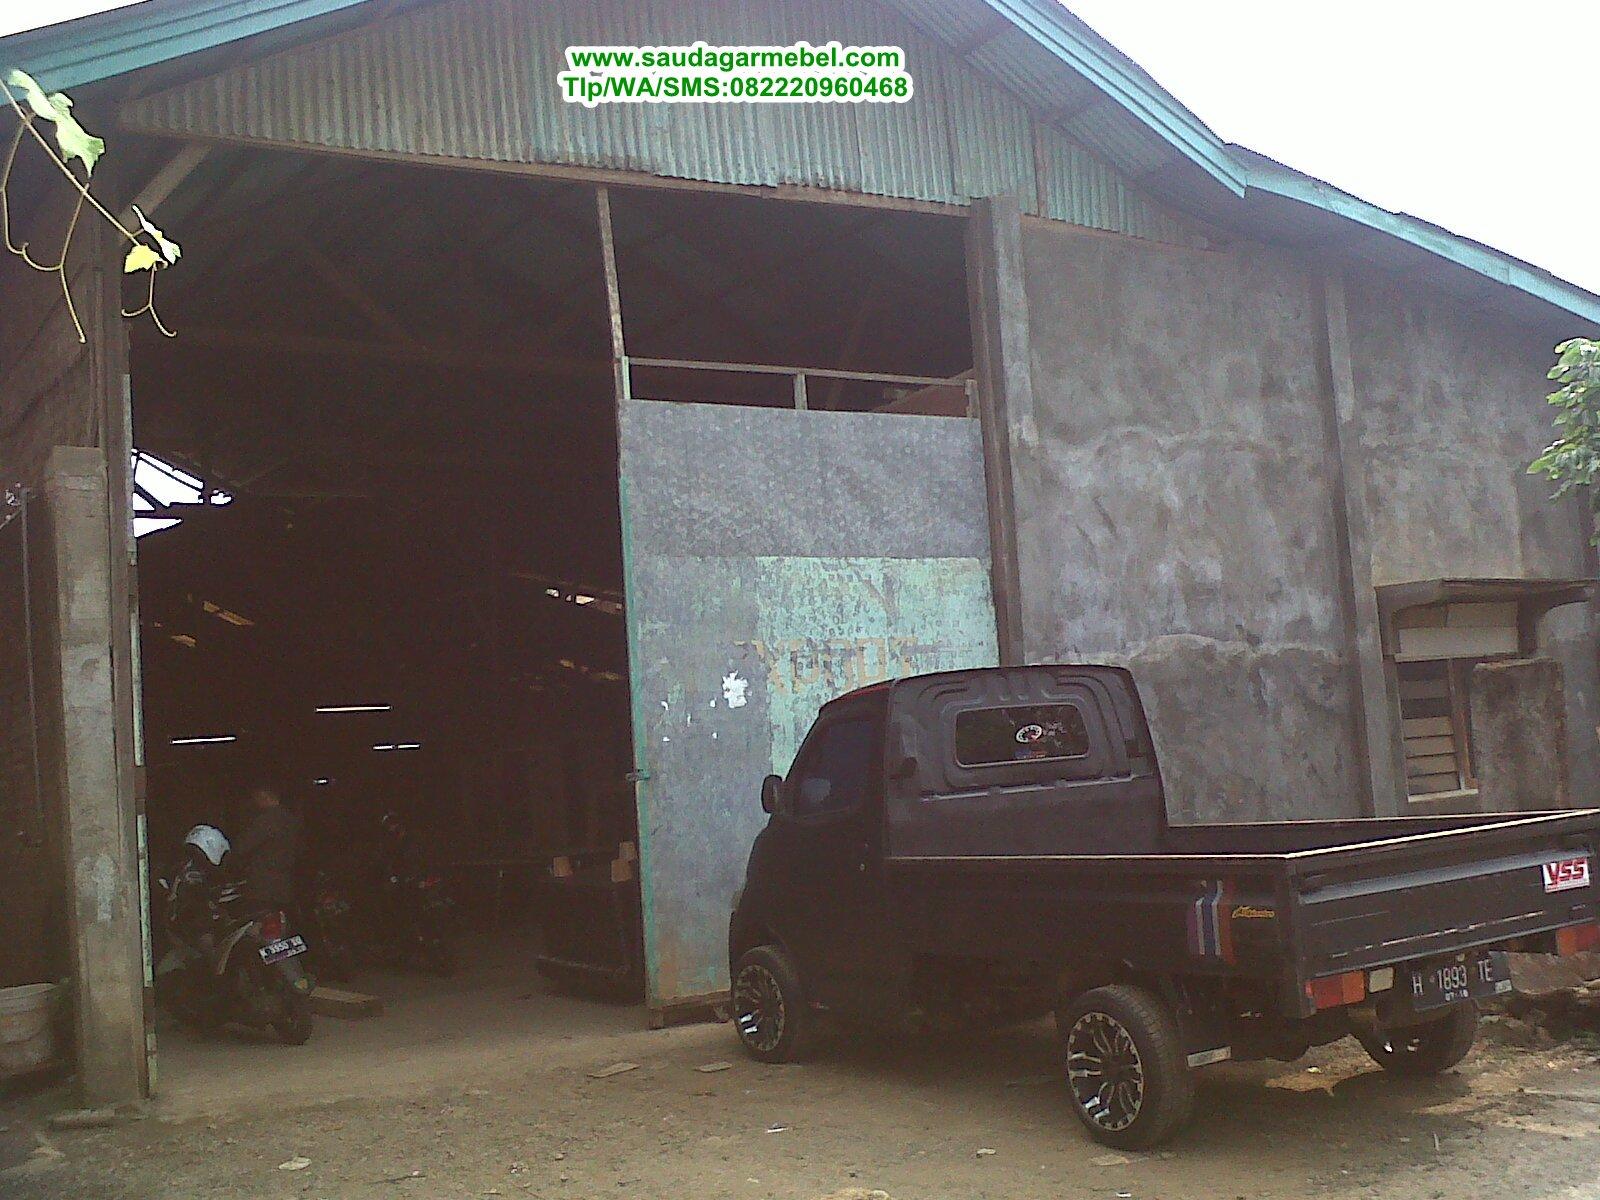 Gudang saudagar mebel, tempat produksi mebel jepara, gudang mebel jepara